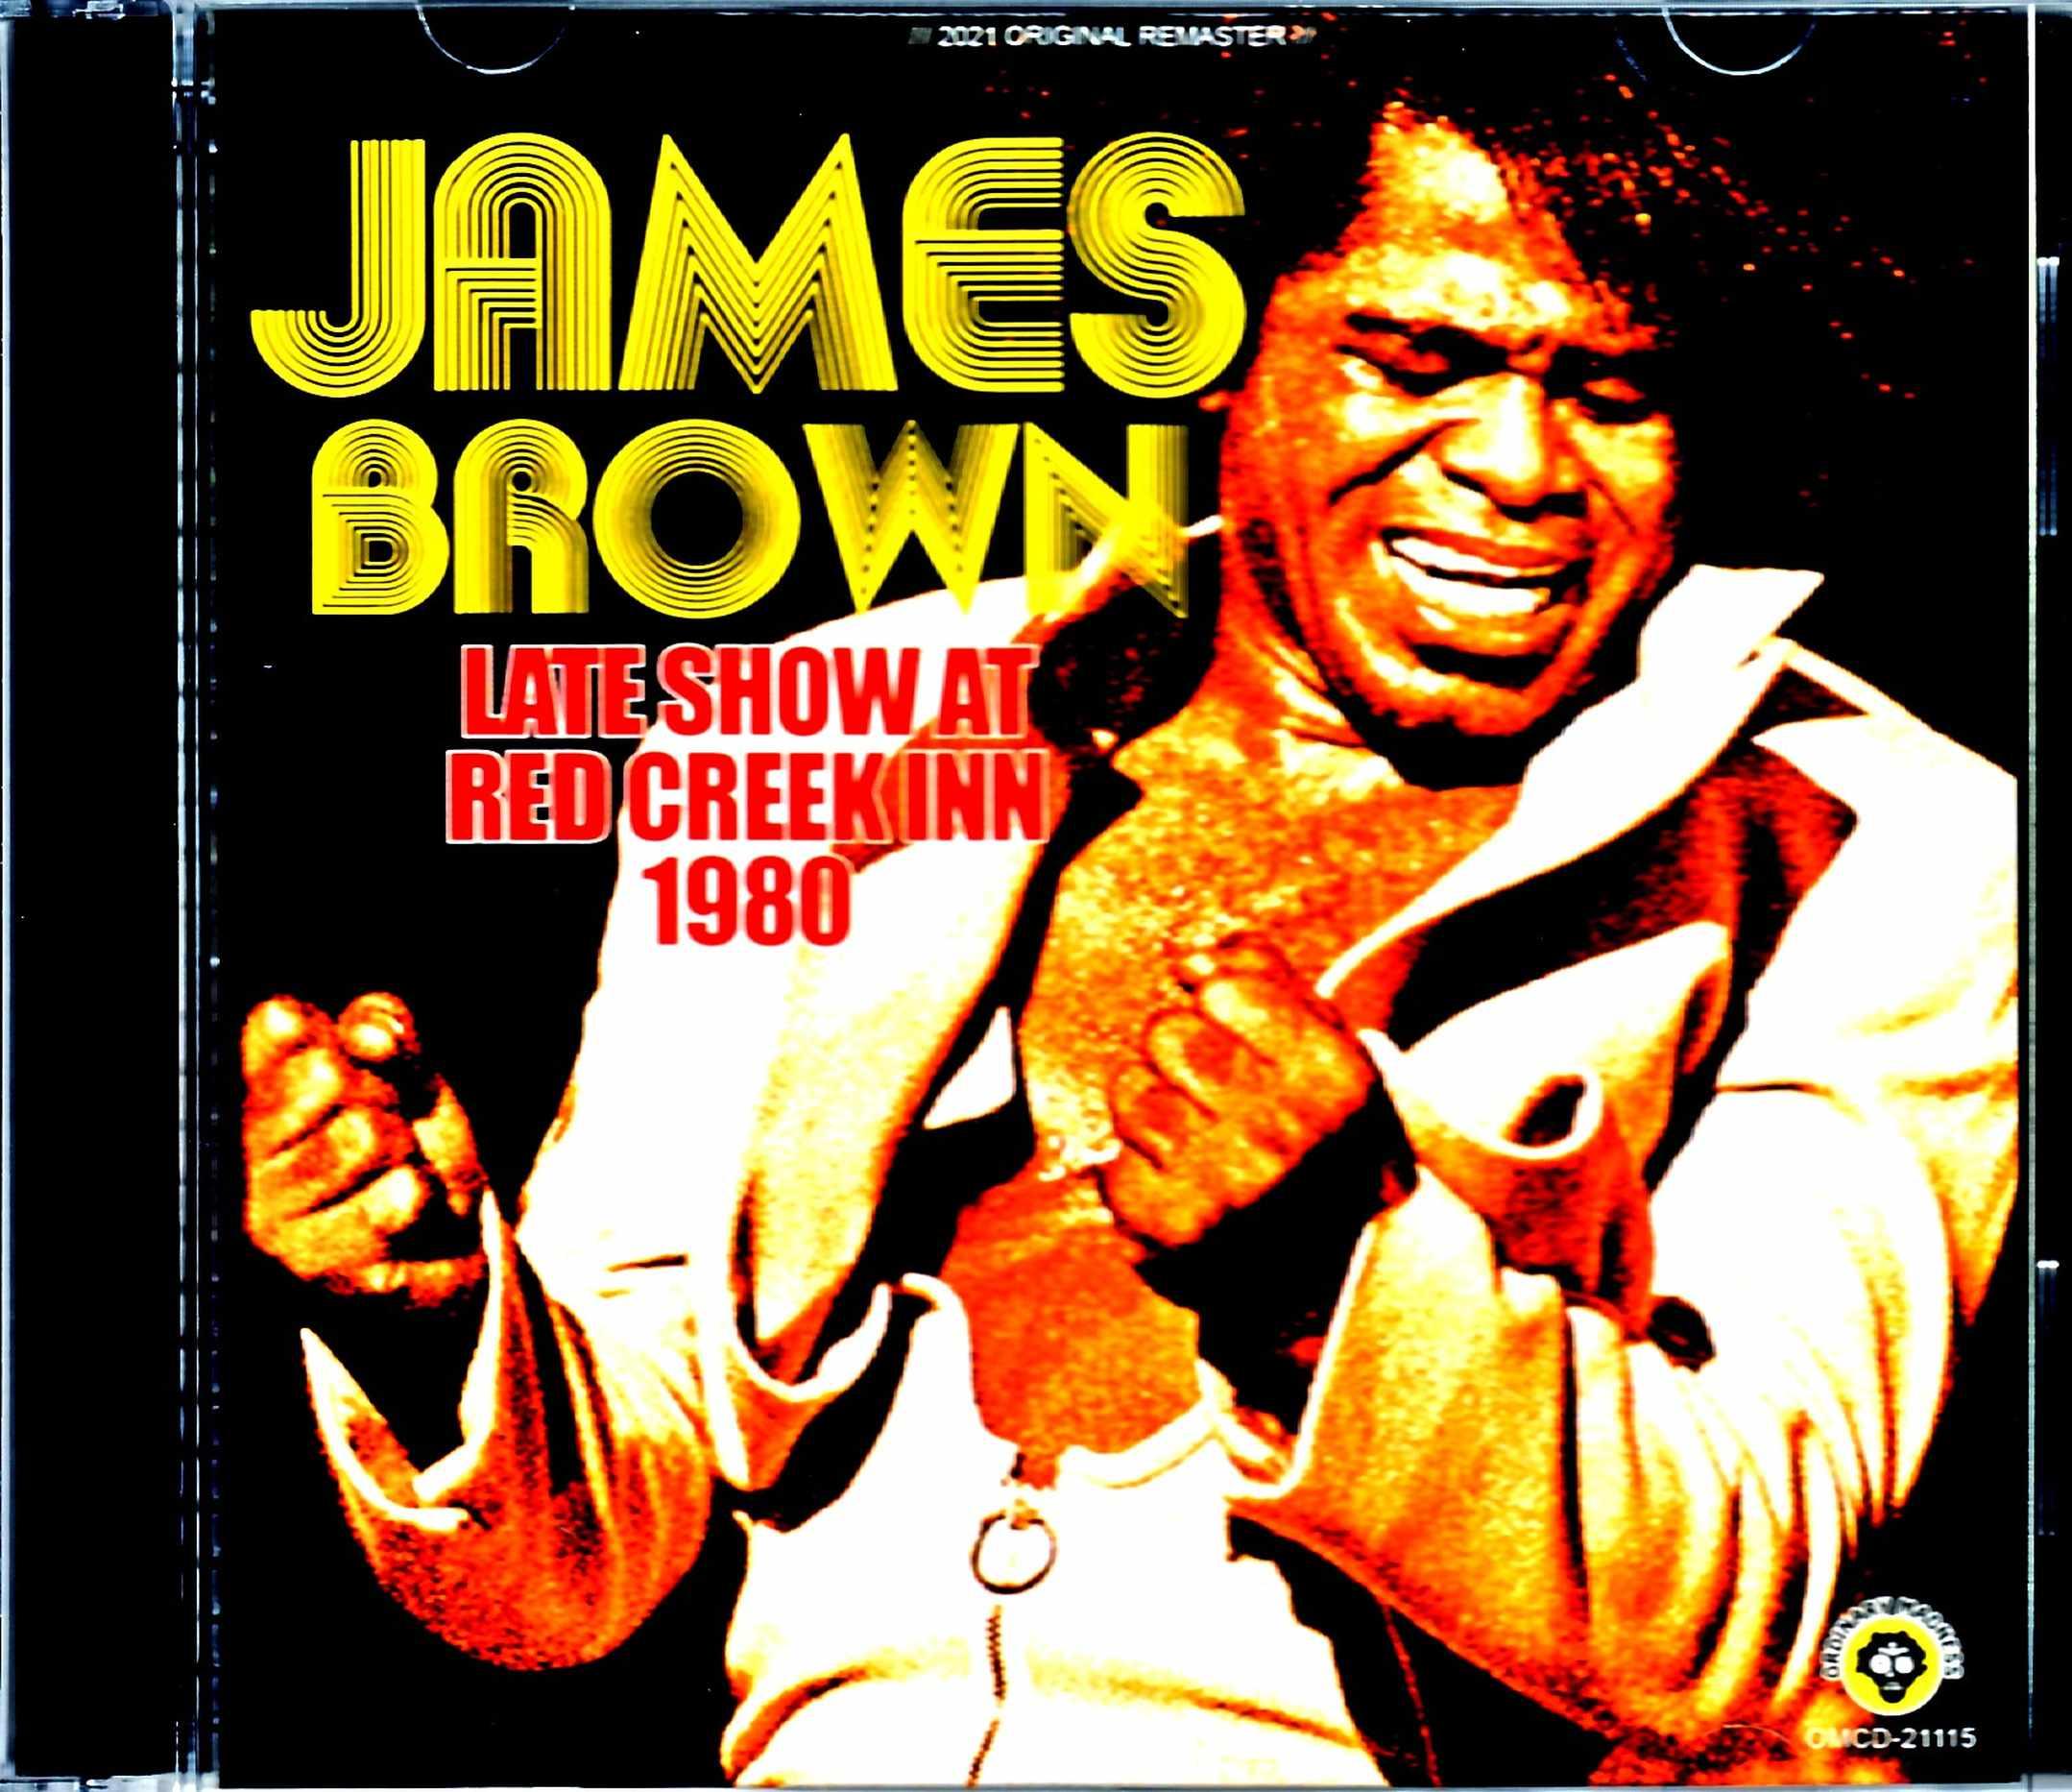 James Brown ジェームス・ブラウン/NY,USA 1980